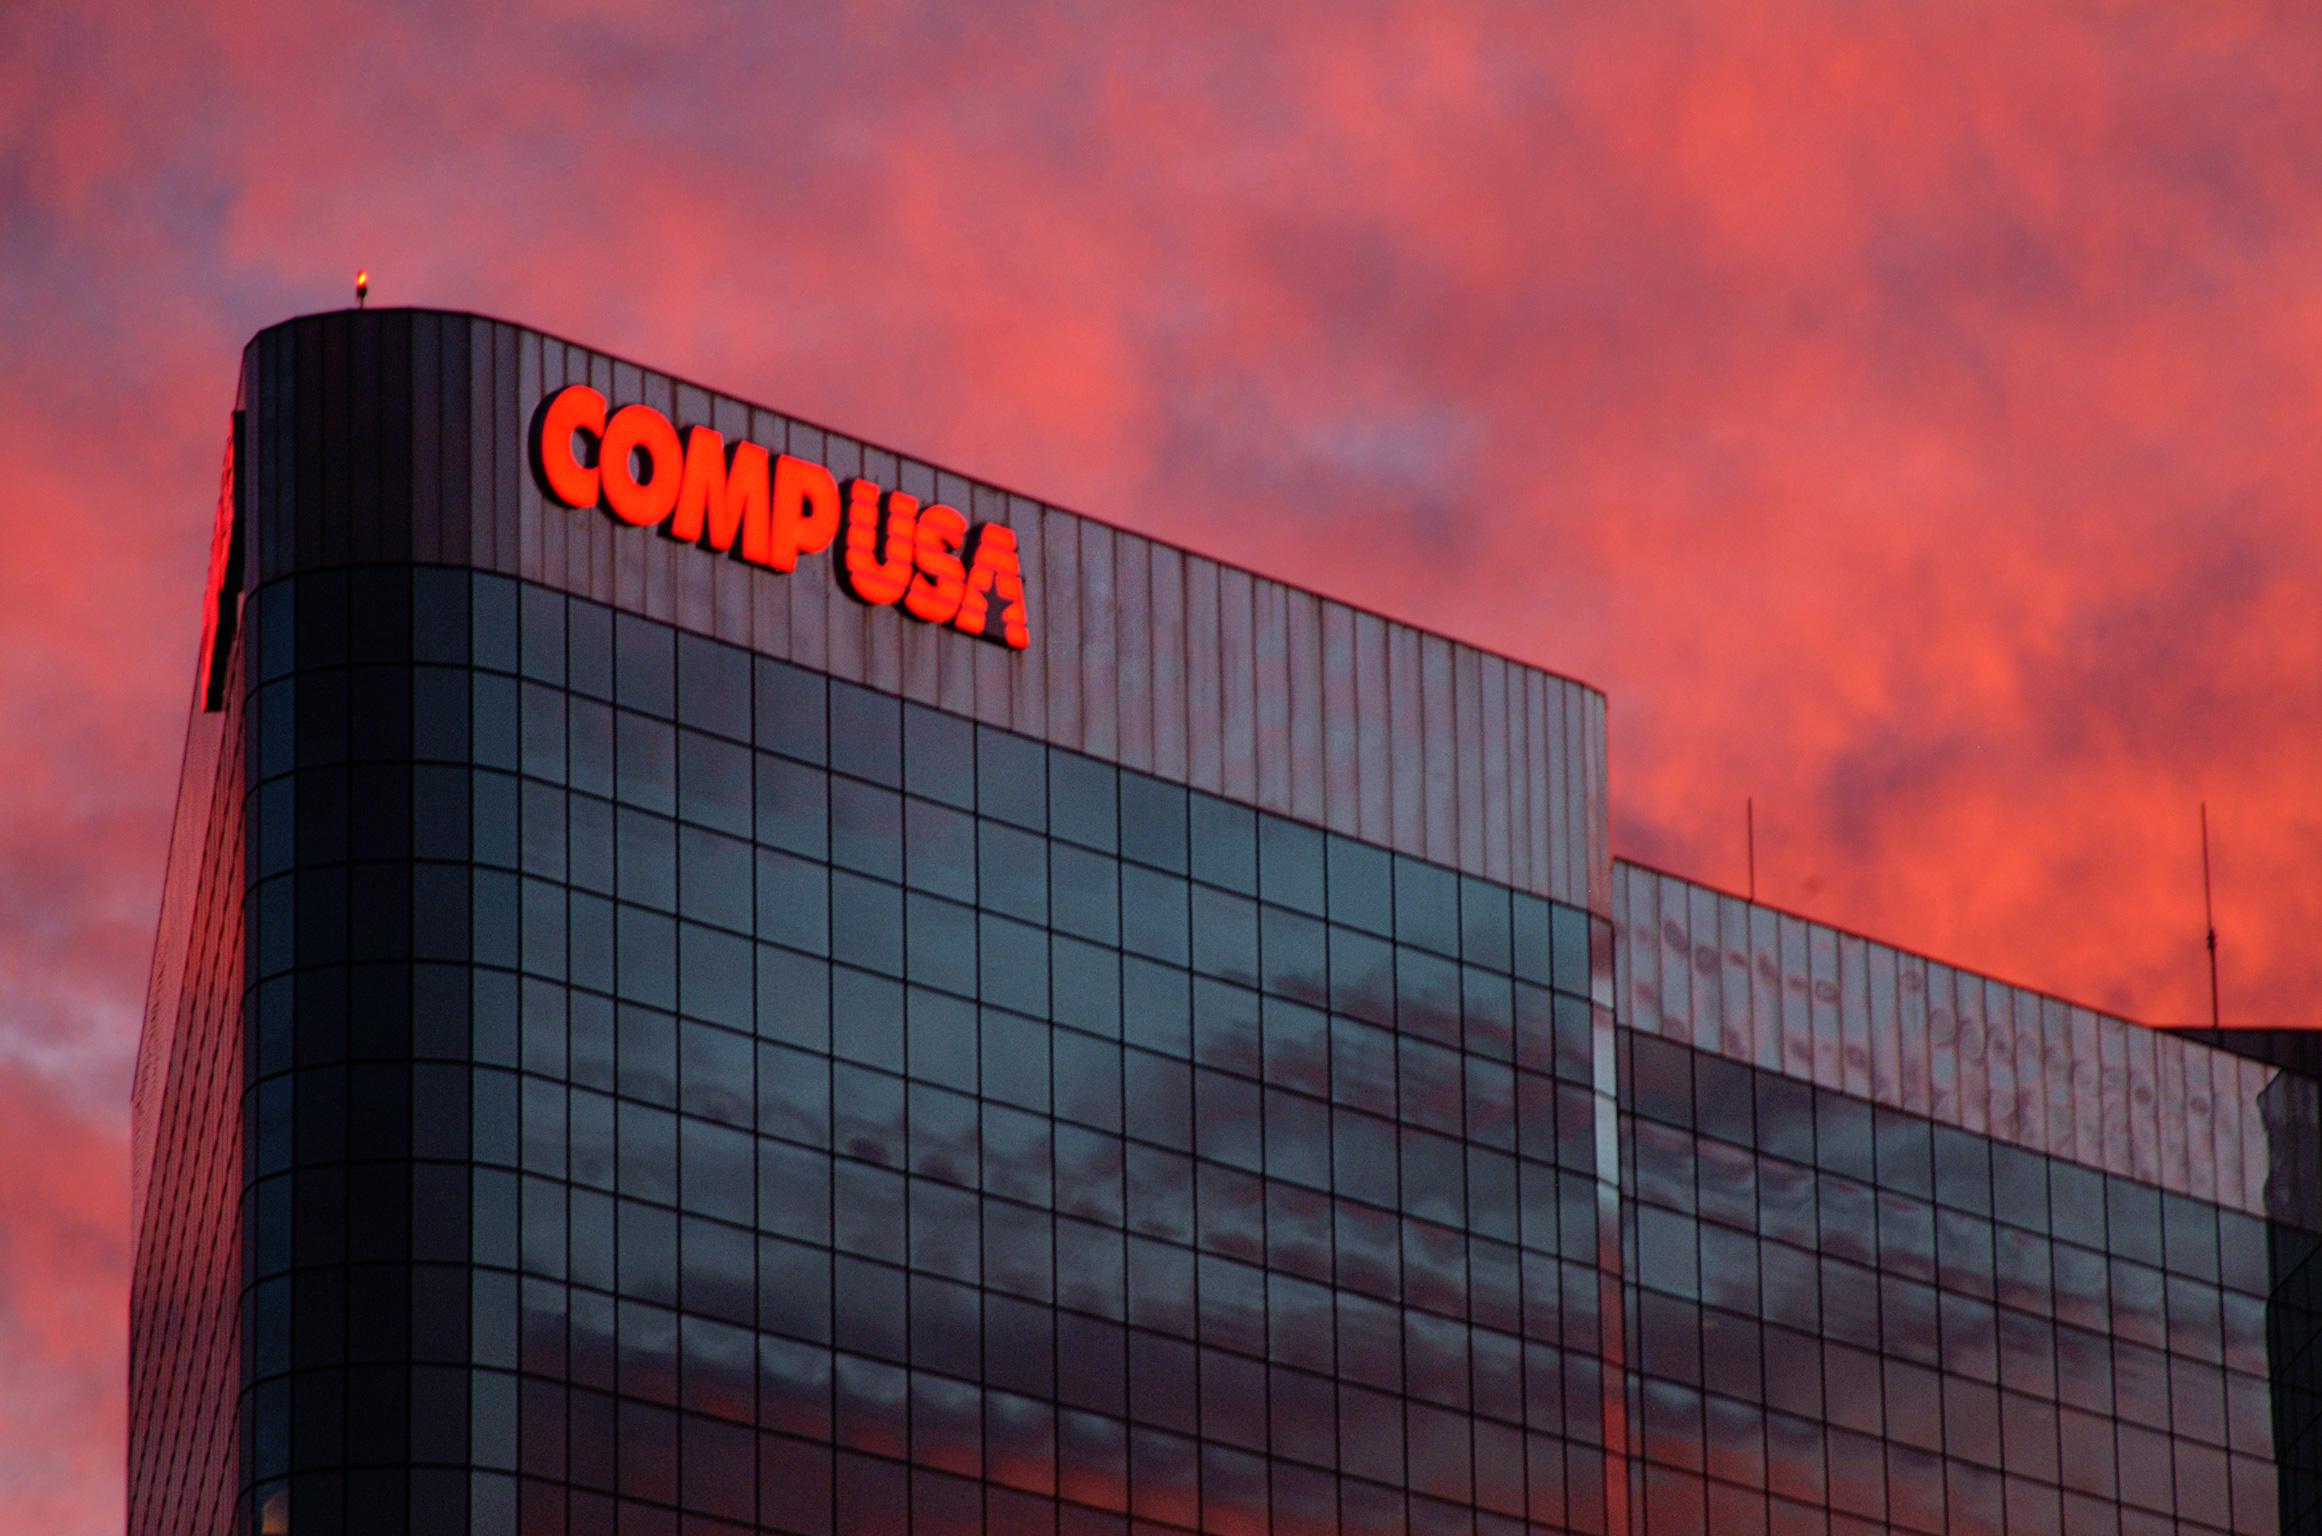 COMPUSA-Bldg-2.jpg